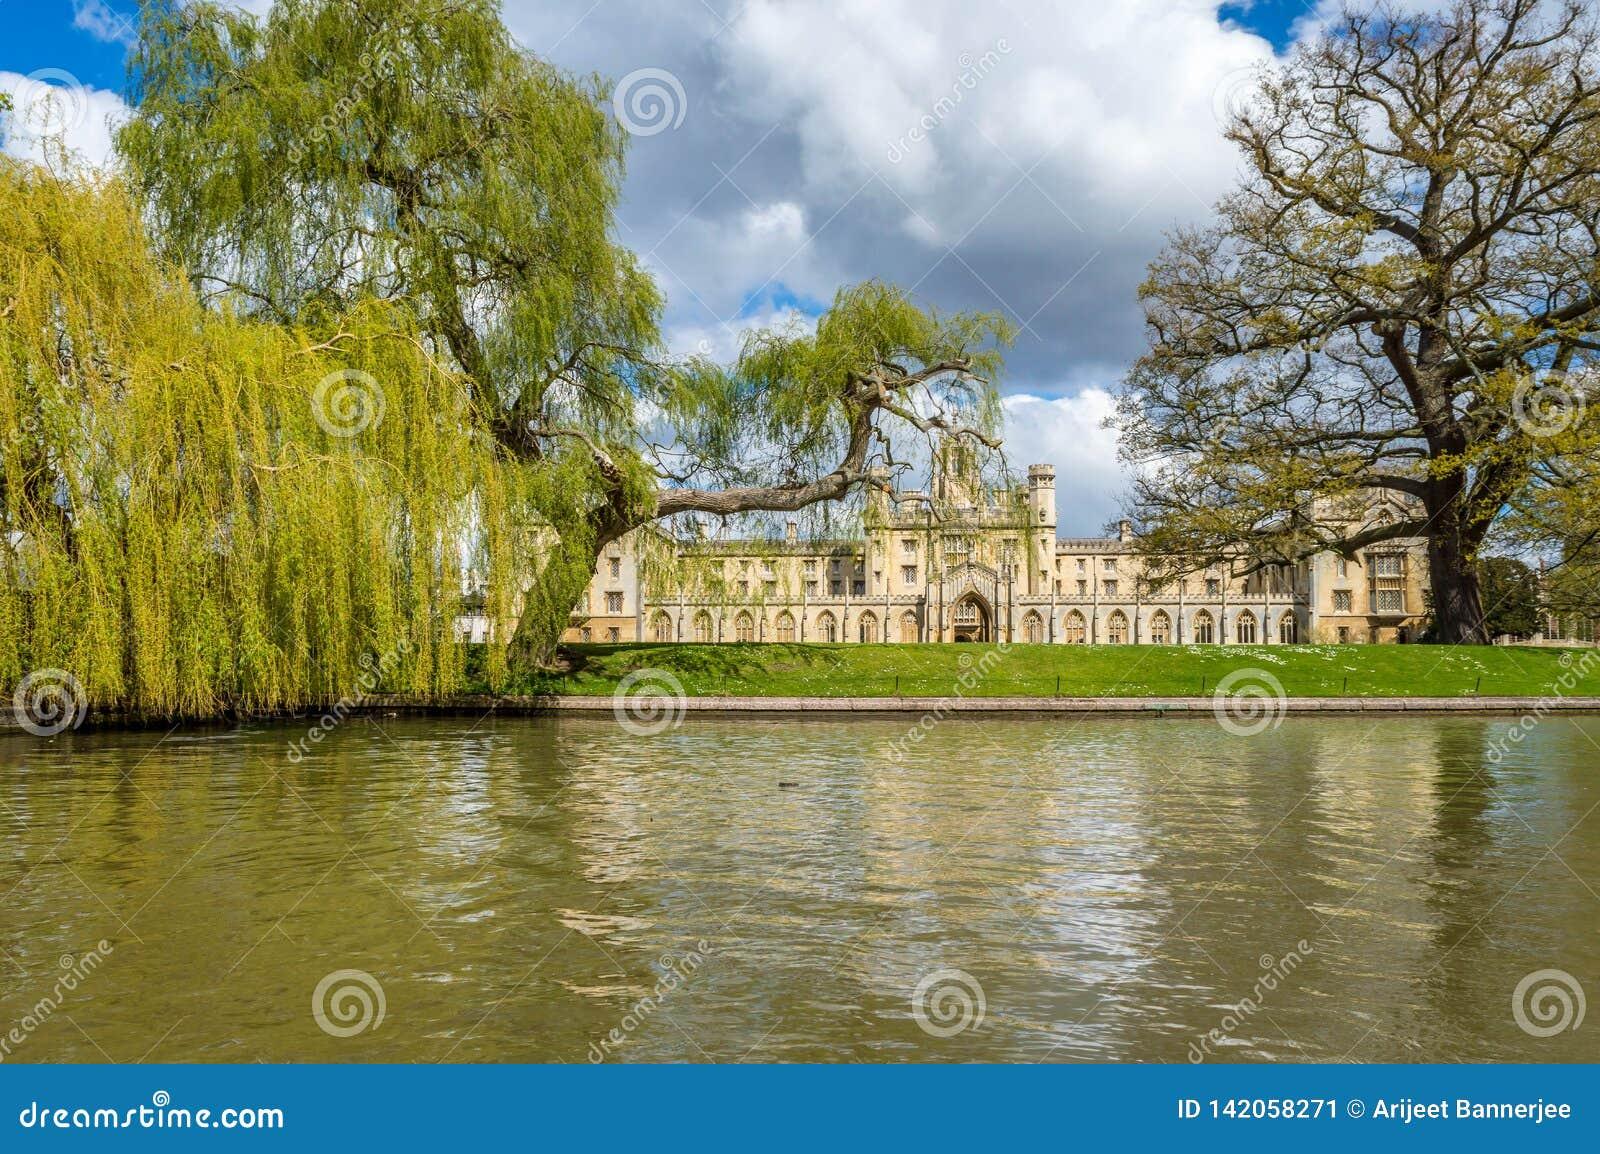 Heilige John College op een heldere zonnige dag met flarden van wolken over de blauwe hemel, Cambridge, het Verenigd Koninkrijk